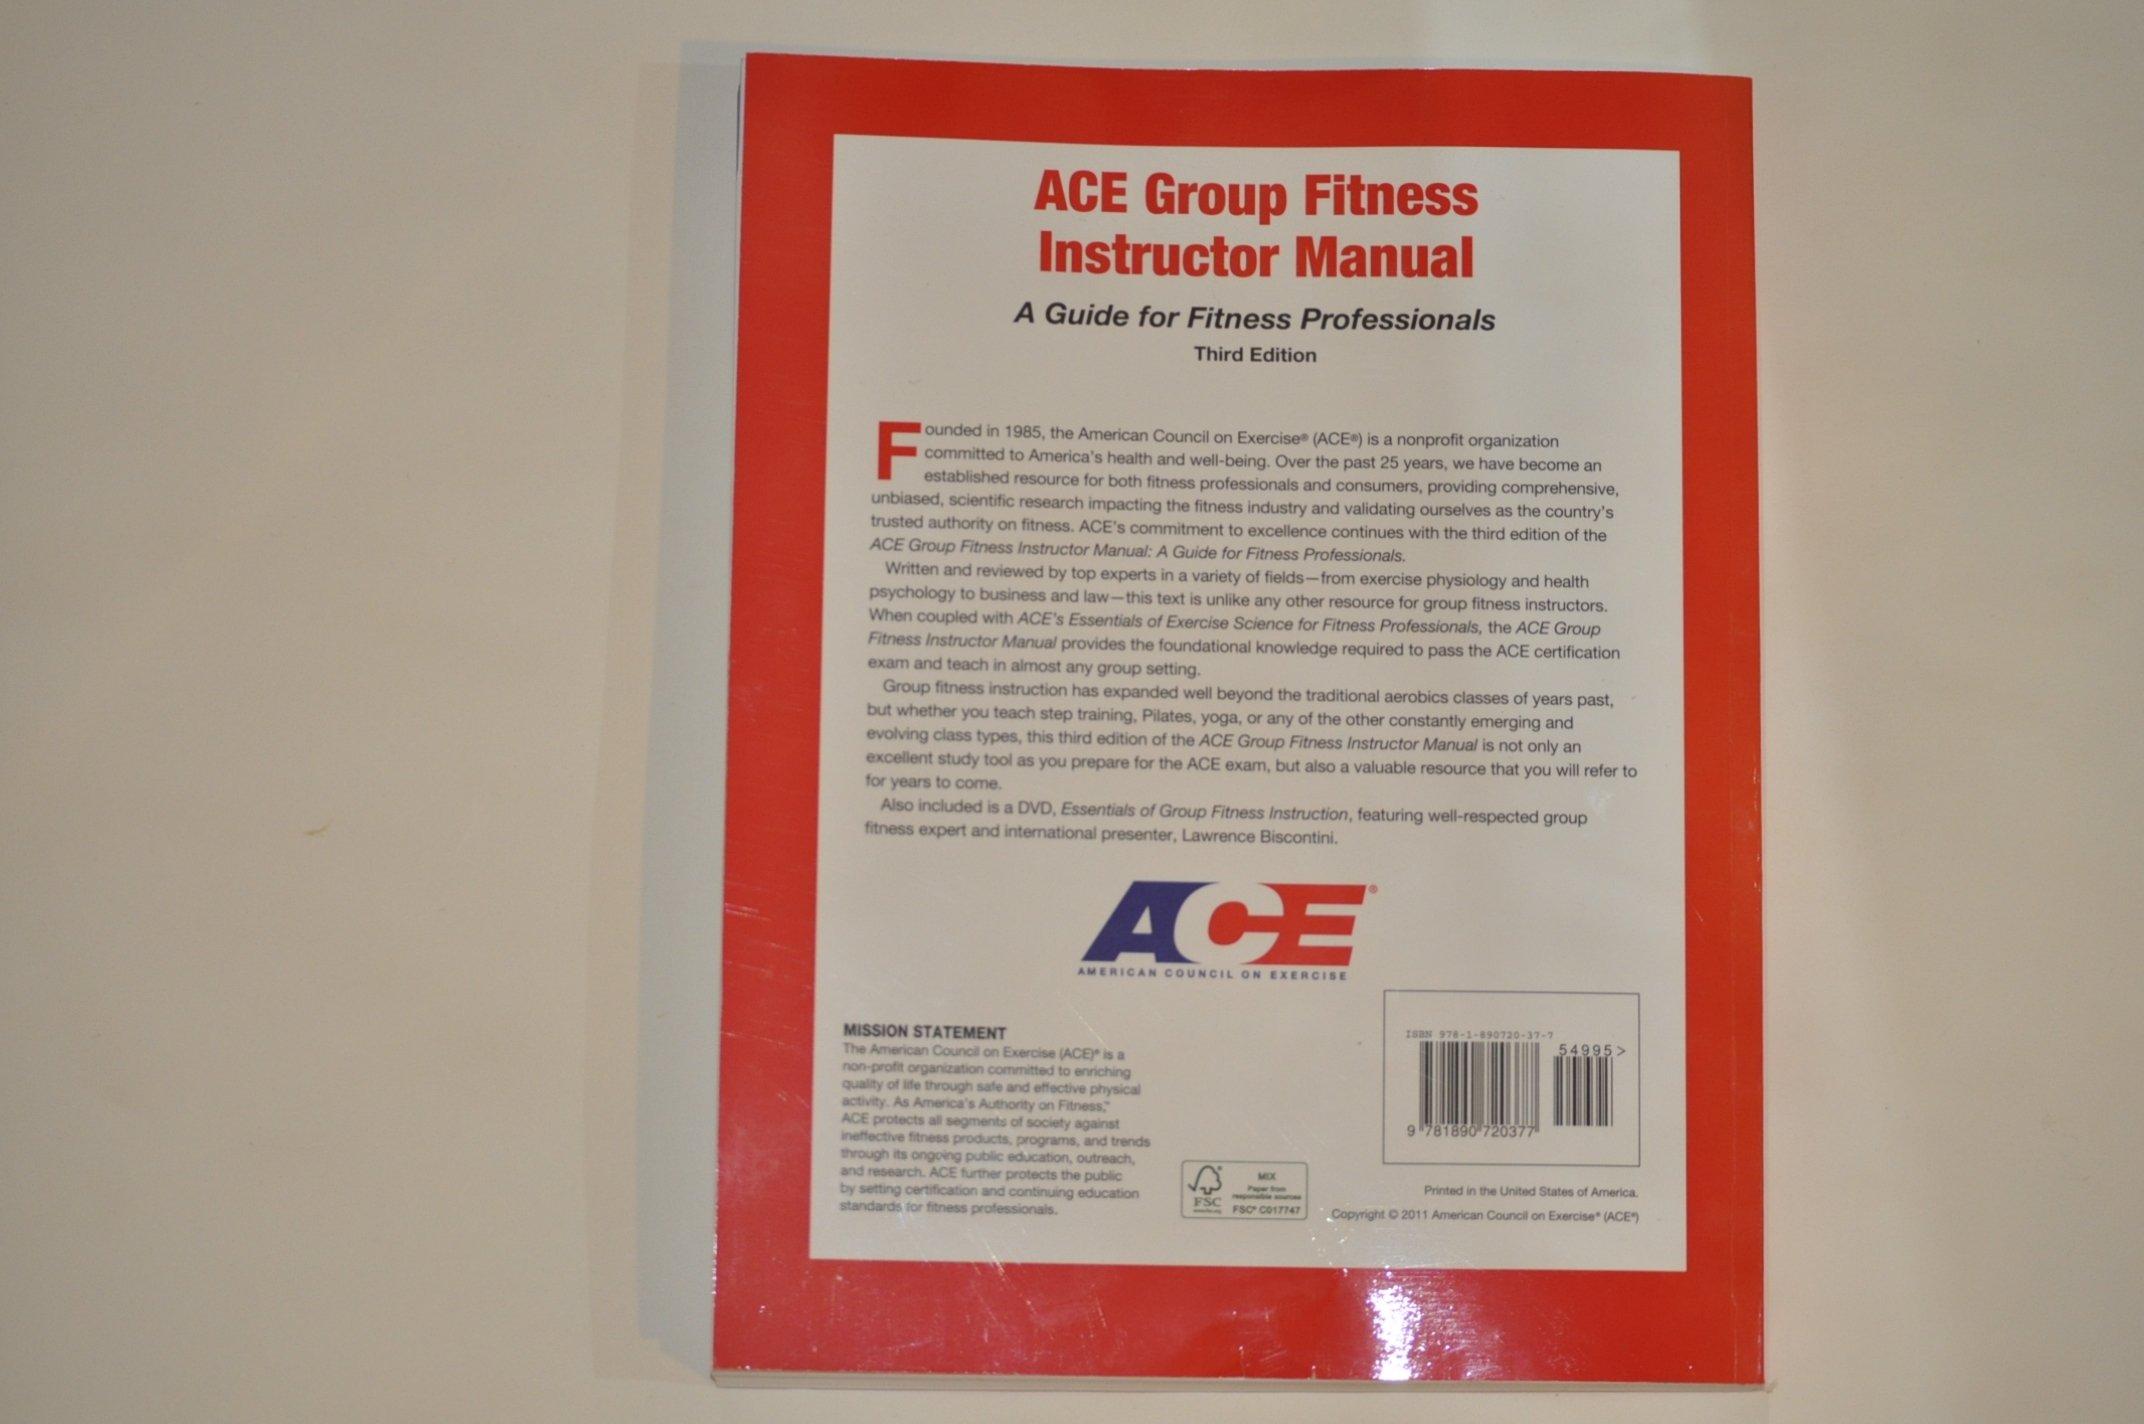 AHA BLS Instructor Manual